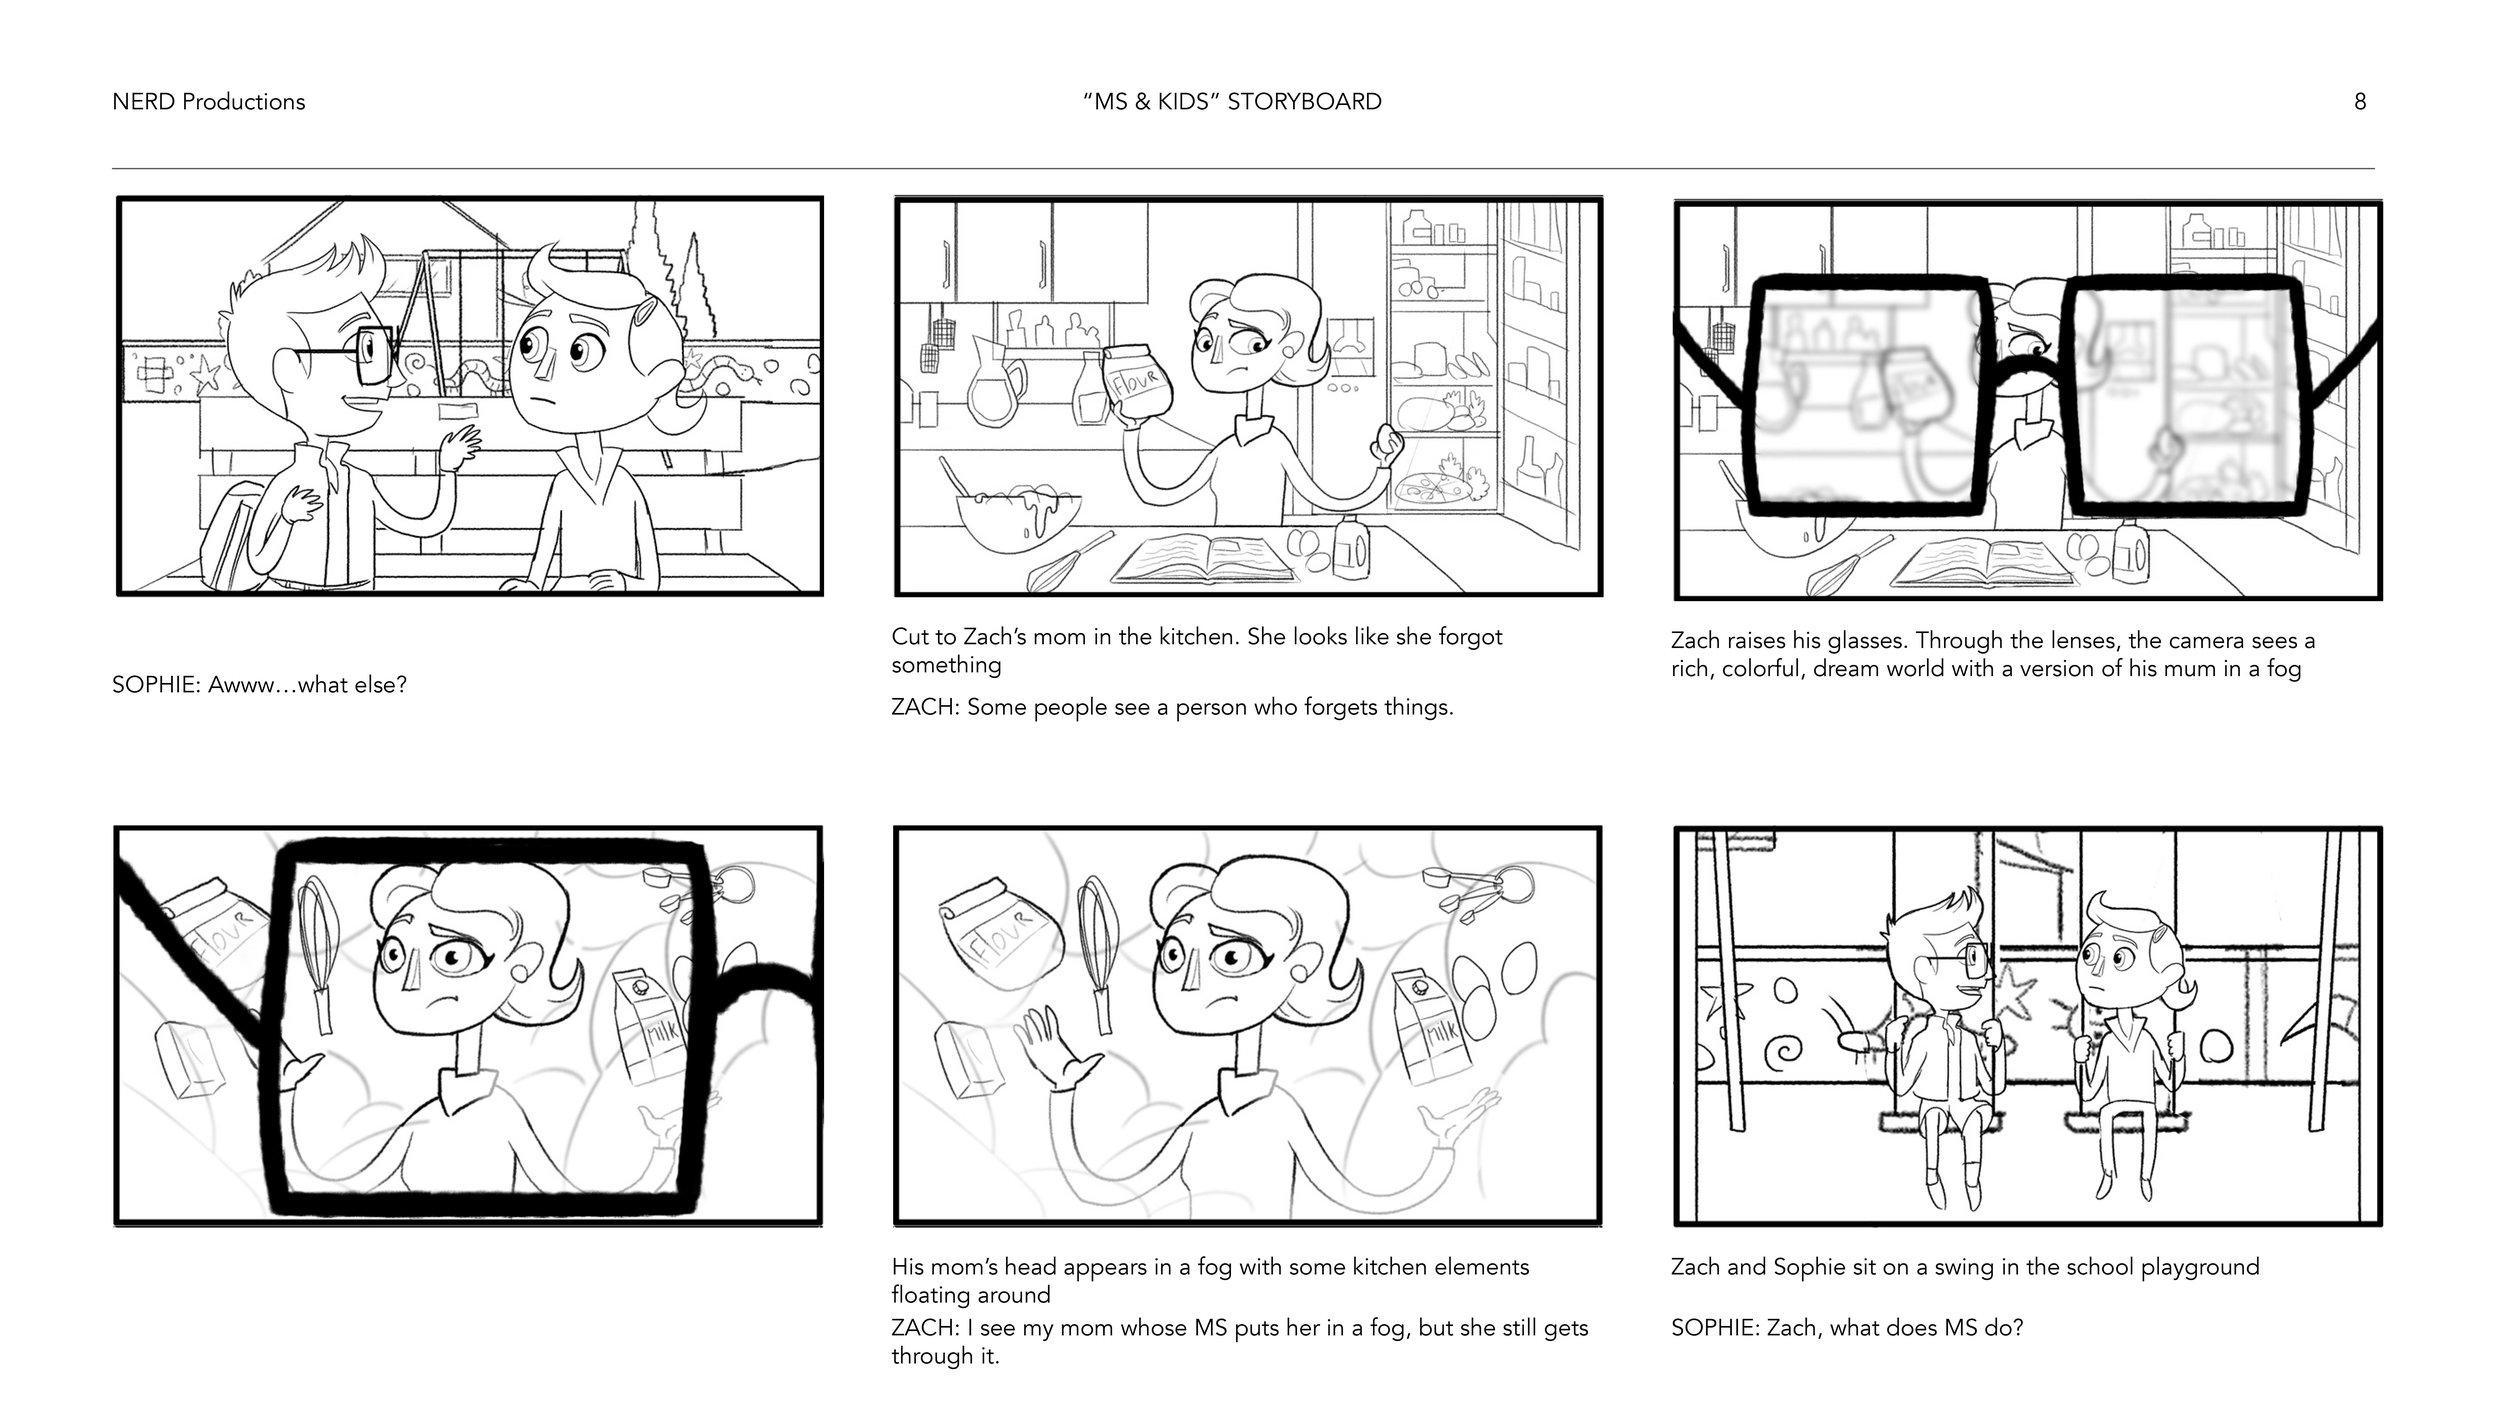 MS_KIDS_Storyboard-8.jpg